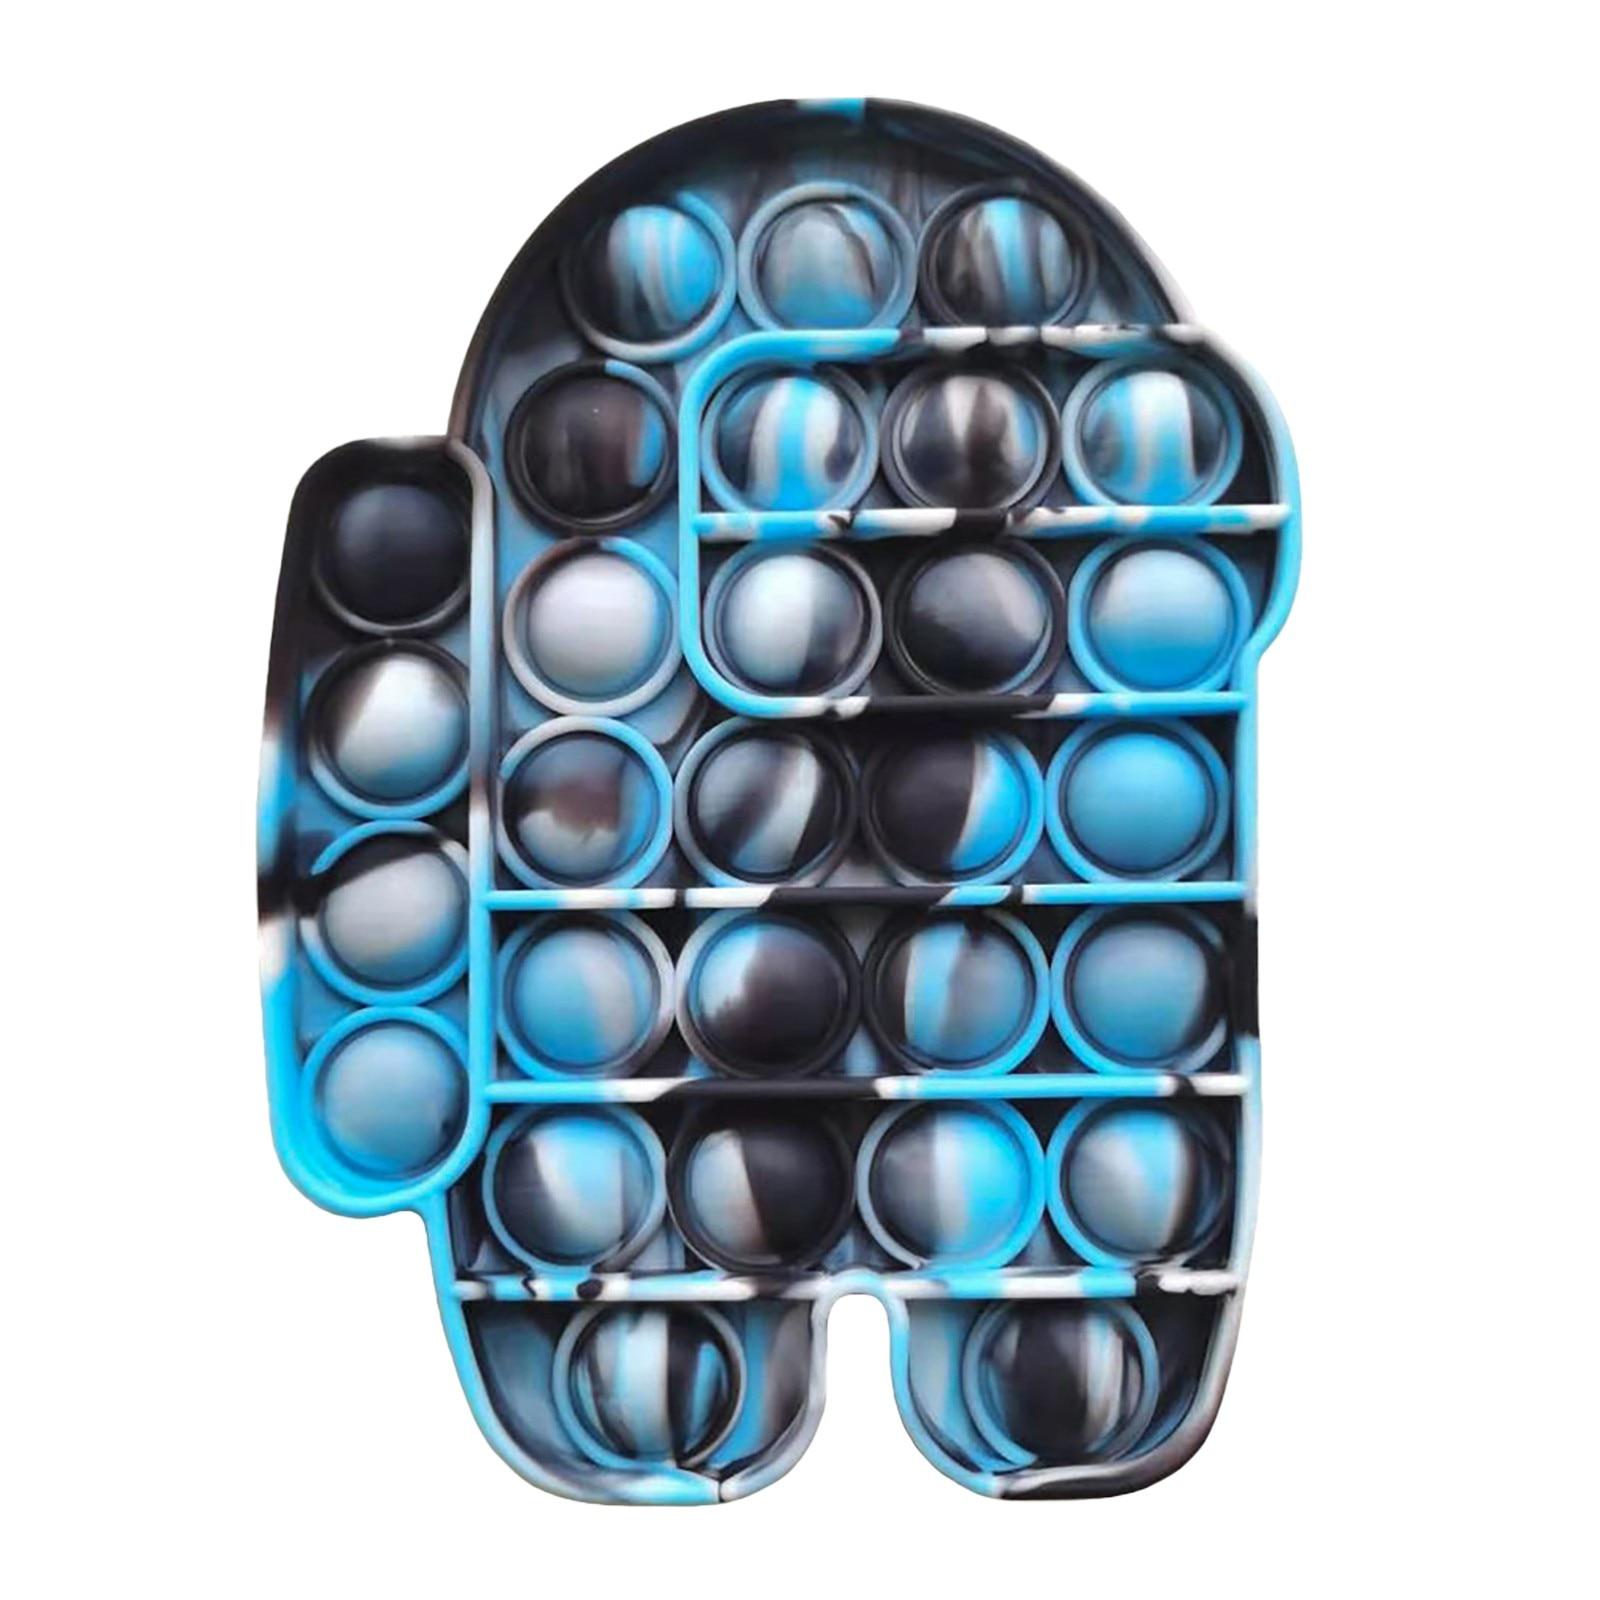 Fitget Spielzeug Pop Es Spiel Für Erwachsene Kid Push Blase Zappeln Sensorischen Spielzeug Autismus Spezielle Bedürfnisse Stressabbau Popoit Figet speelgoed